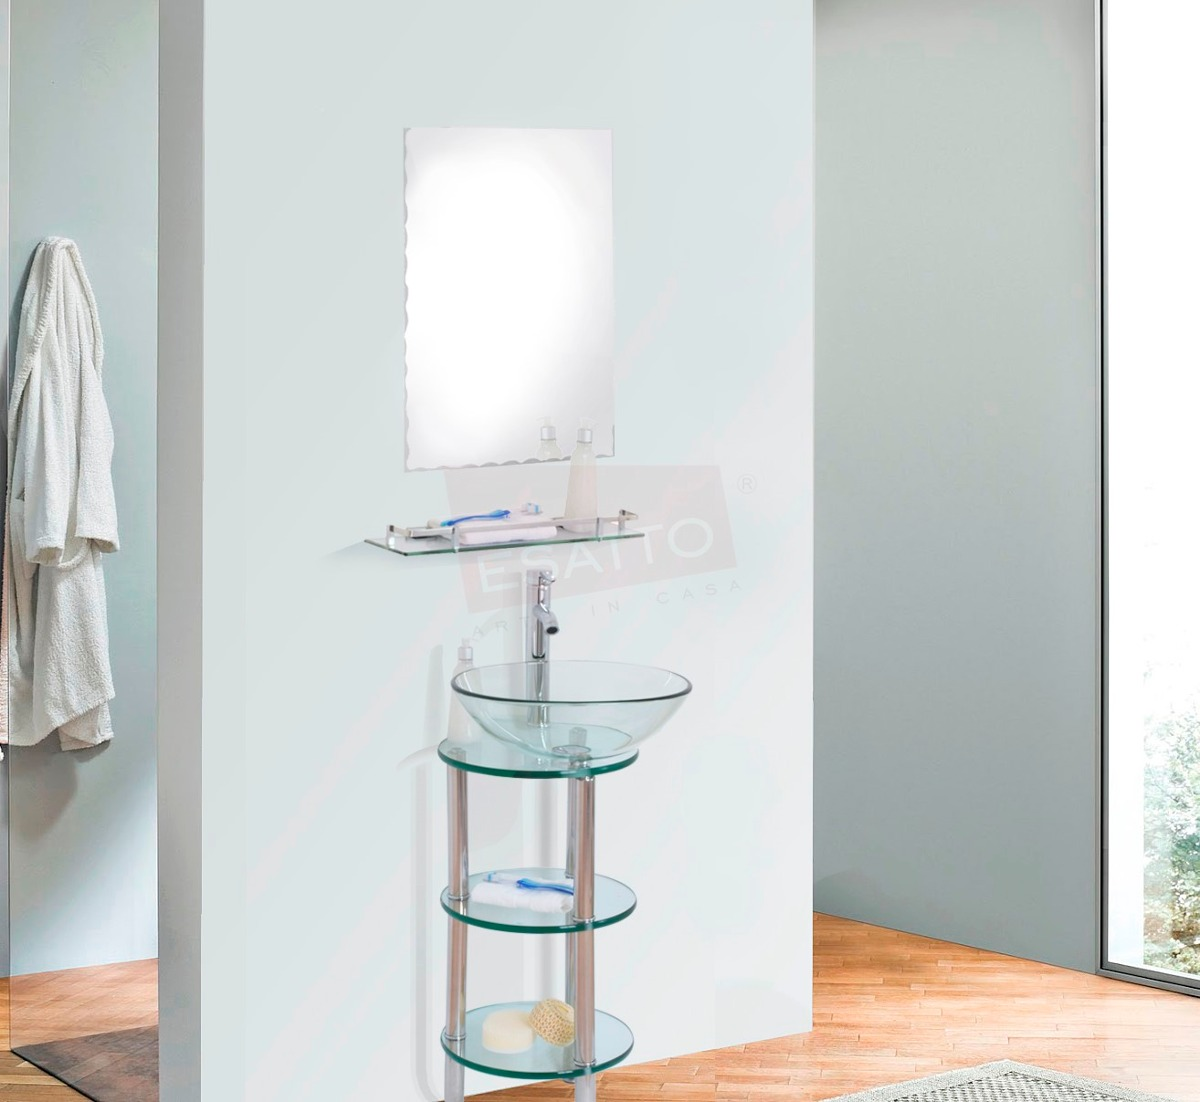 Muebles Para Lavabos De Cristal En Mercado Libre M Xico # Mueble De Lavabo